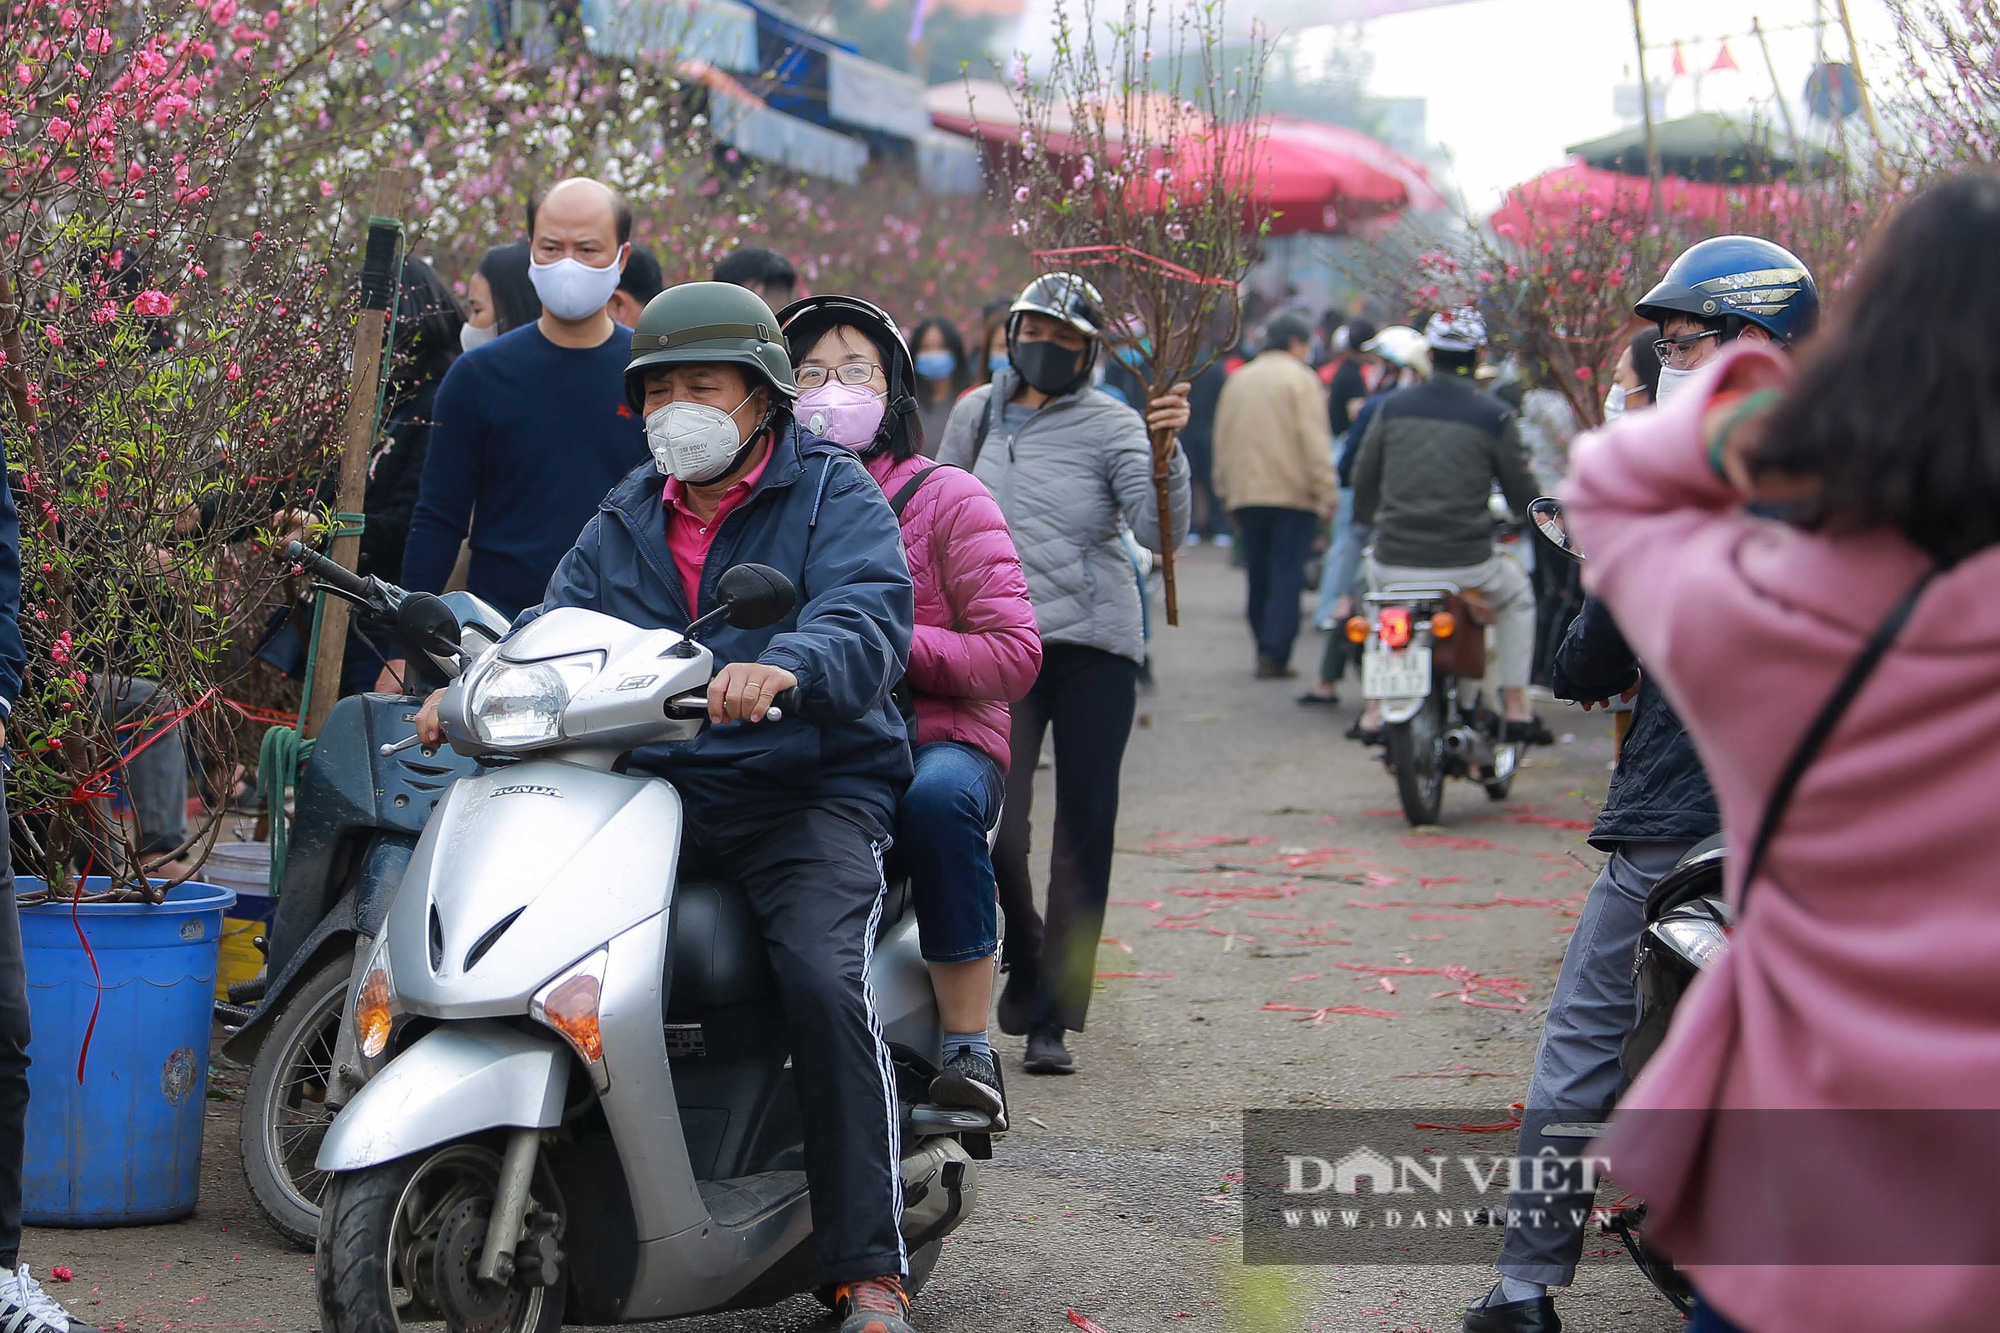 Chợ hoa Quảng Bá tấp nập những ngày cuối năm - Ảnh 2.